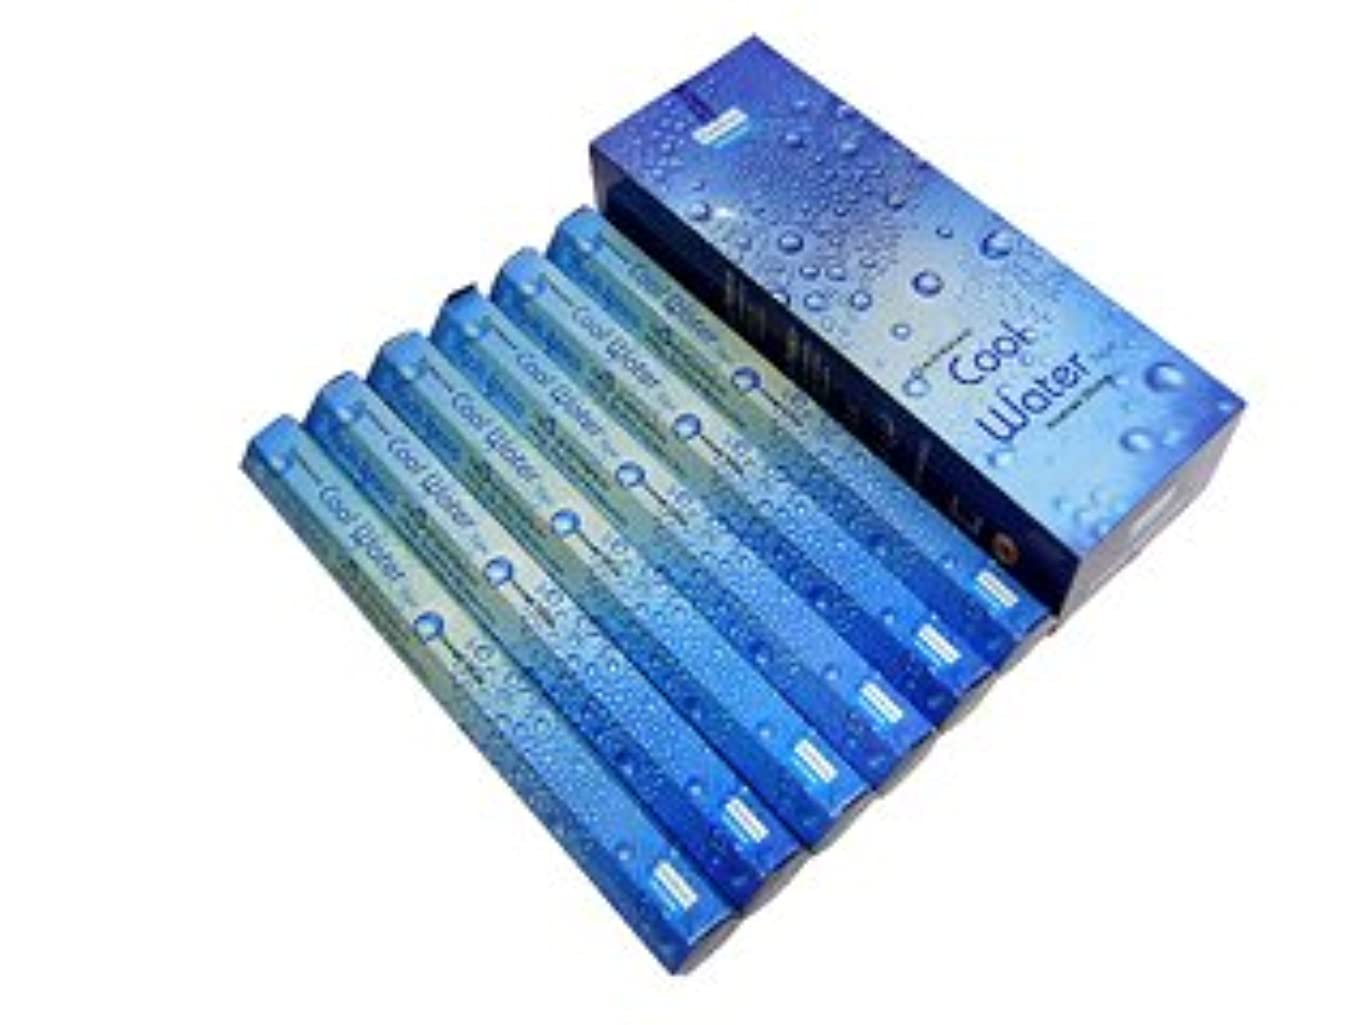 理解する顔料混乱したDARSHAN(ダルシャン) クールウォーター香 スティック COOL WATER 6箱セット